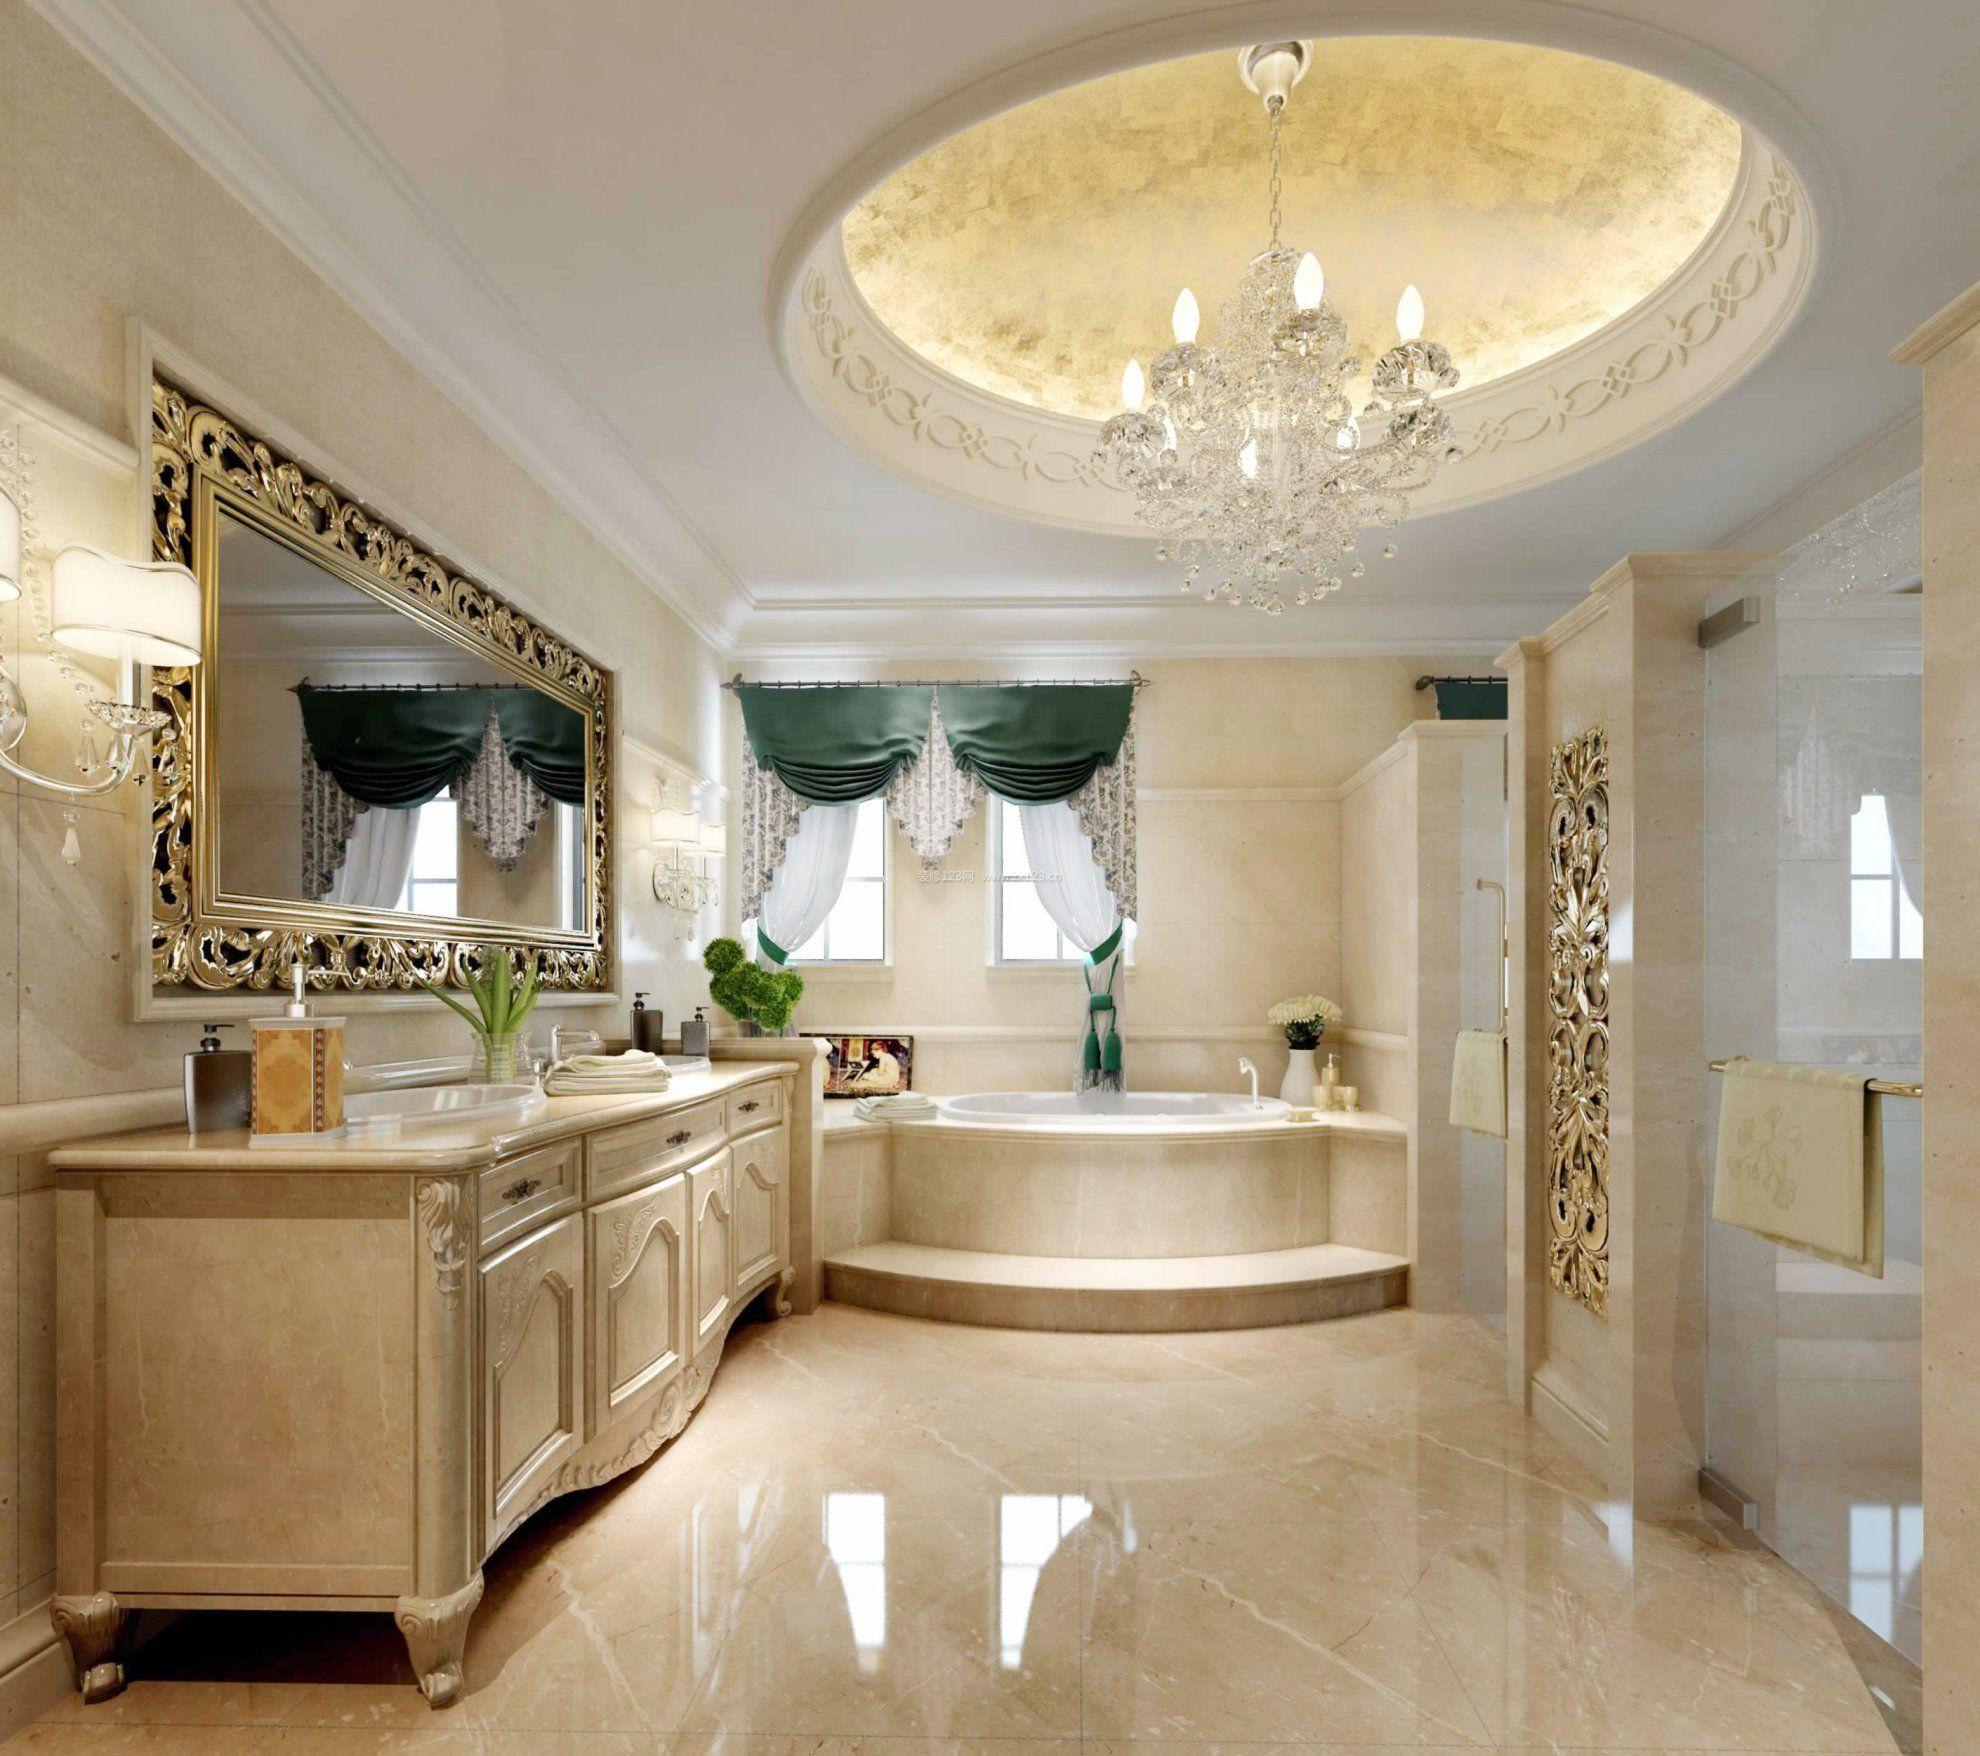 小户型简欧风格复式楼卫生间装修效果图图片